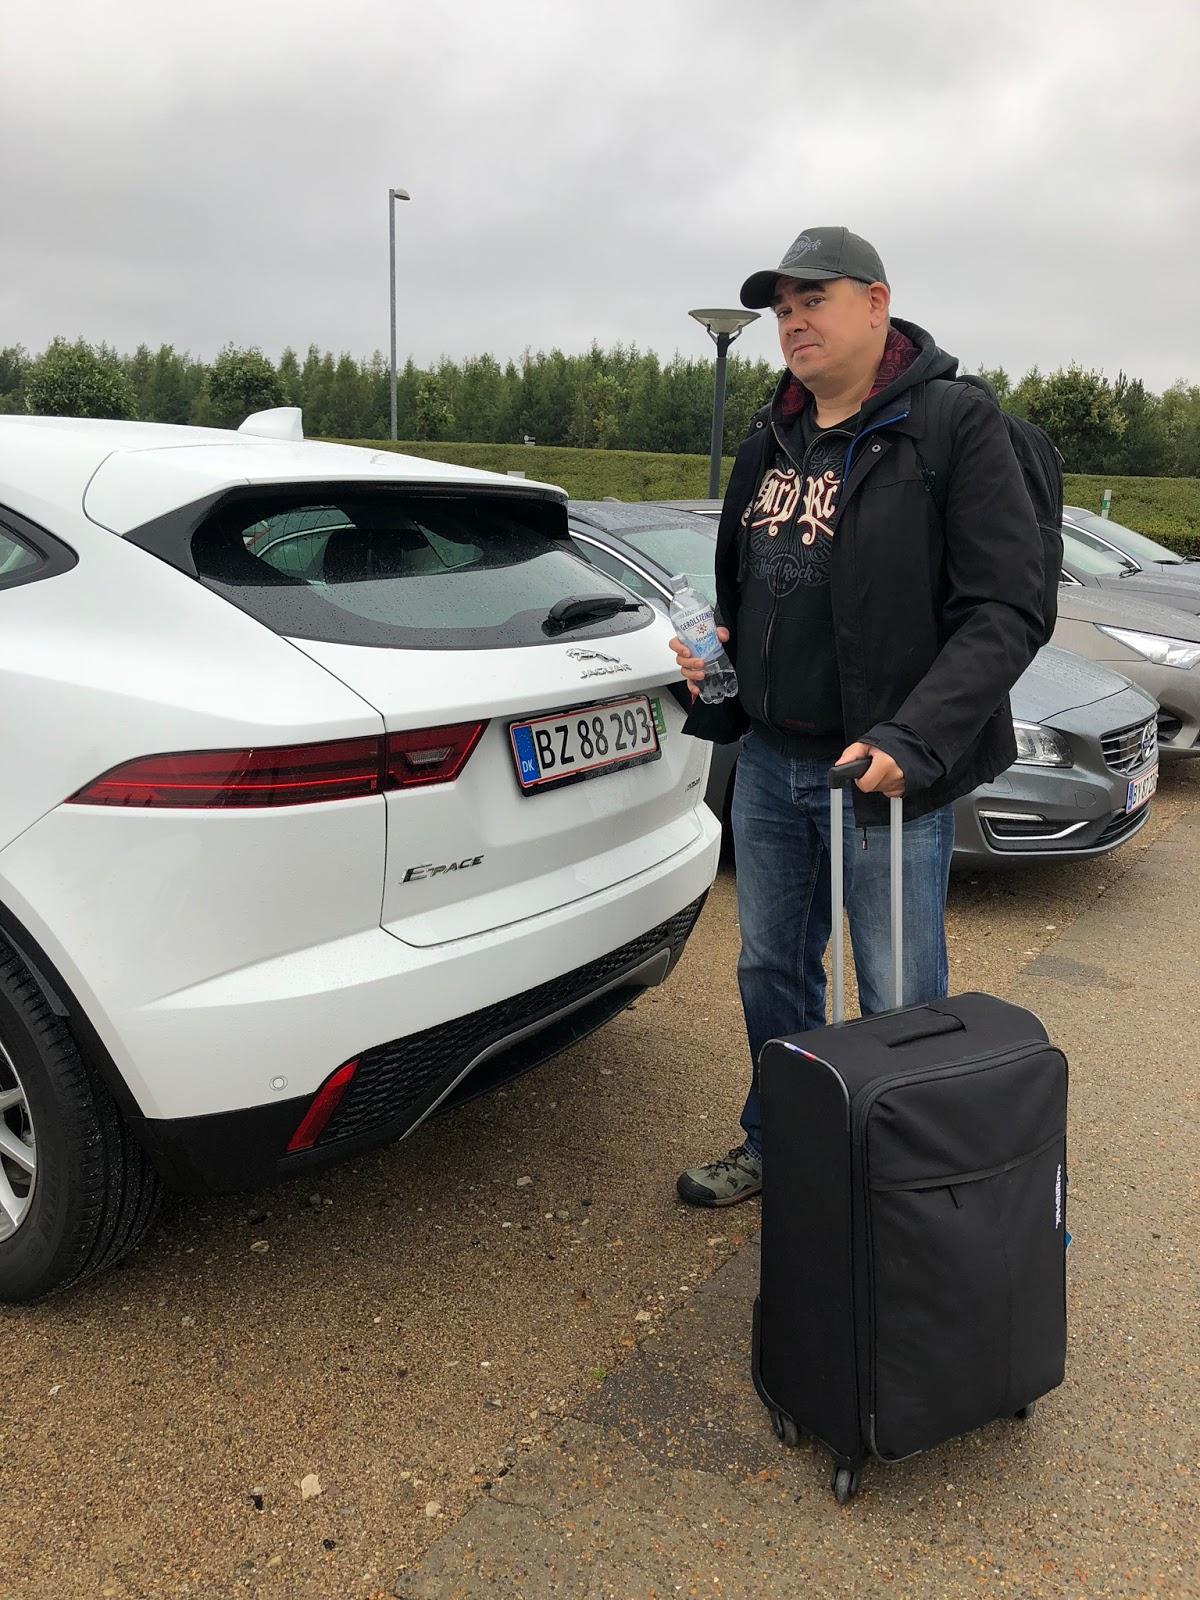 Jaguar E-Pace Europcar Billund lentoasema eronhetki